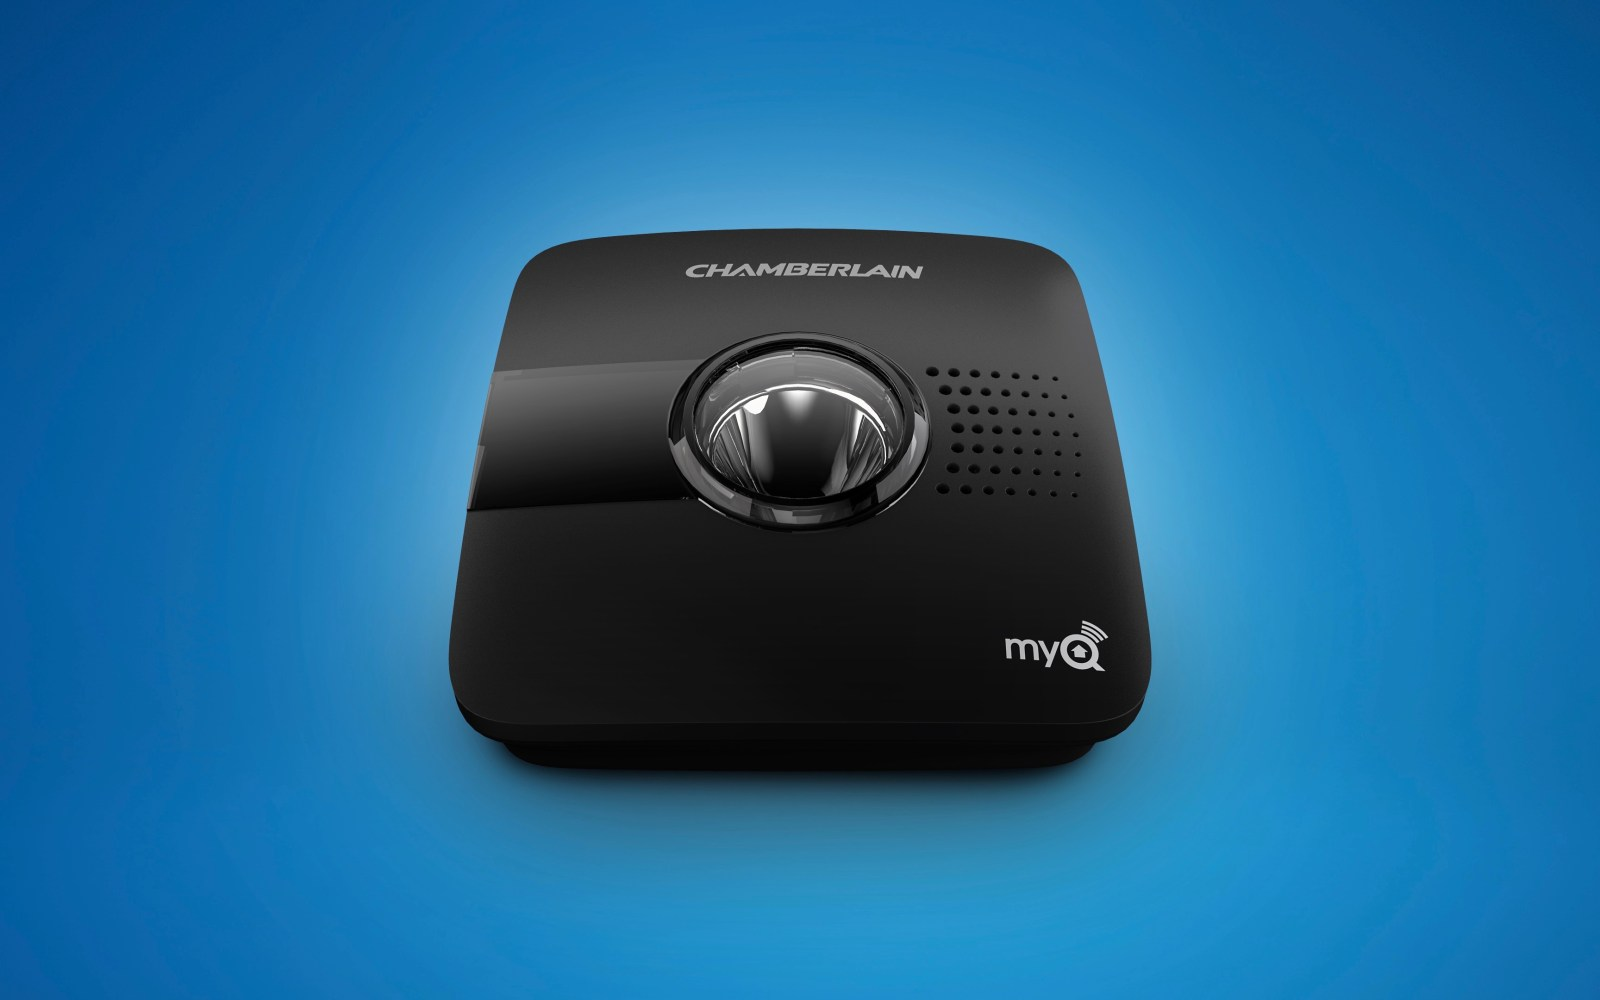 Chamberlain is bringing Apple's HomeKit to MyQ garage door openers this year